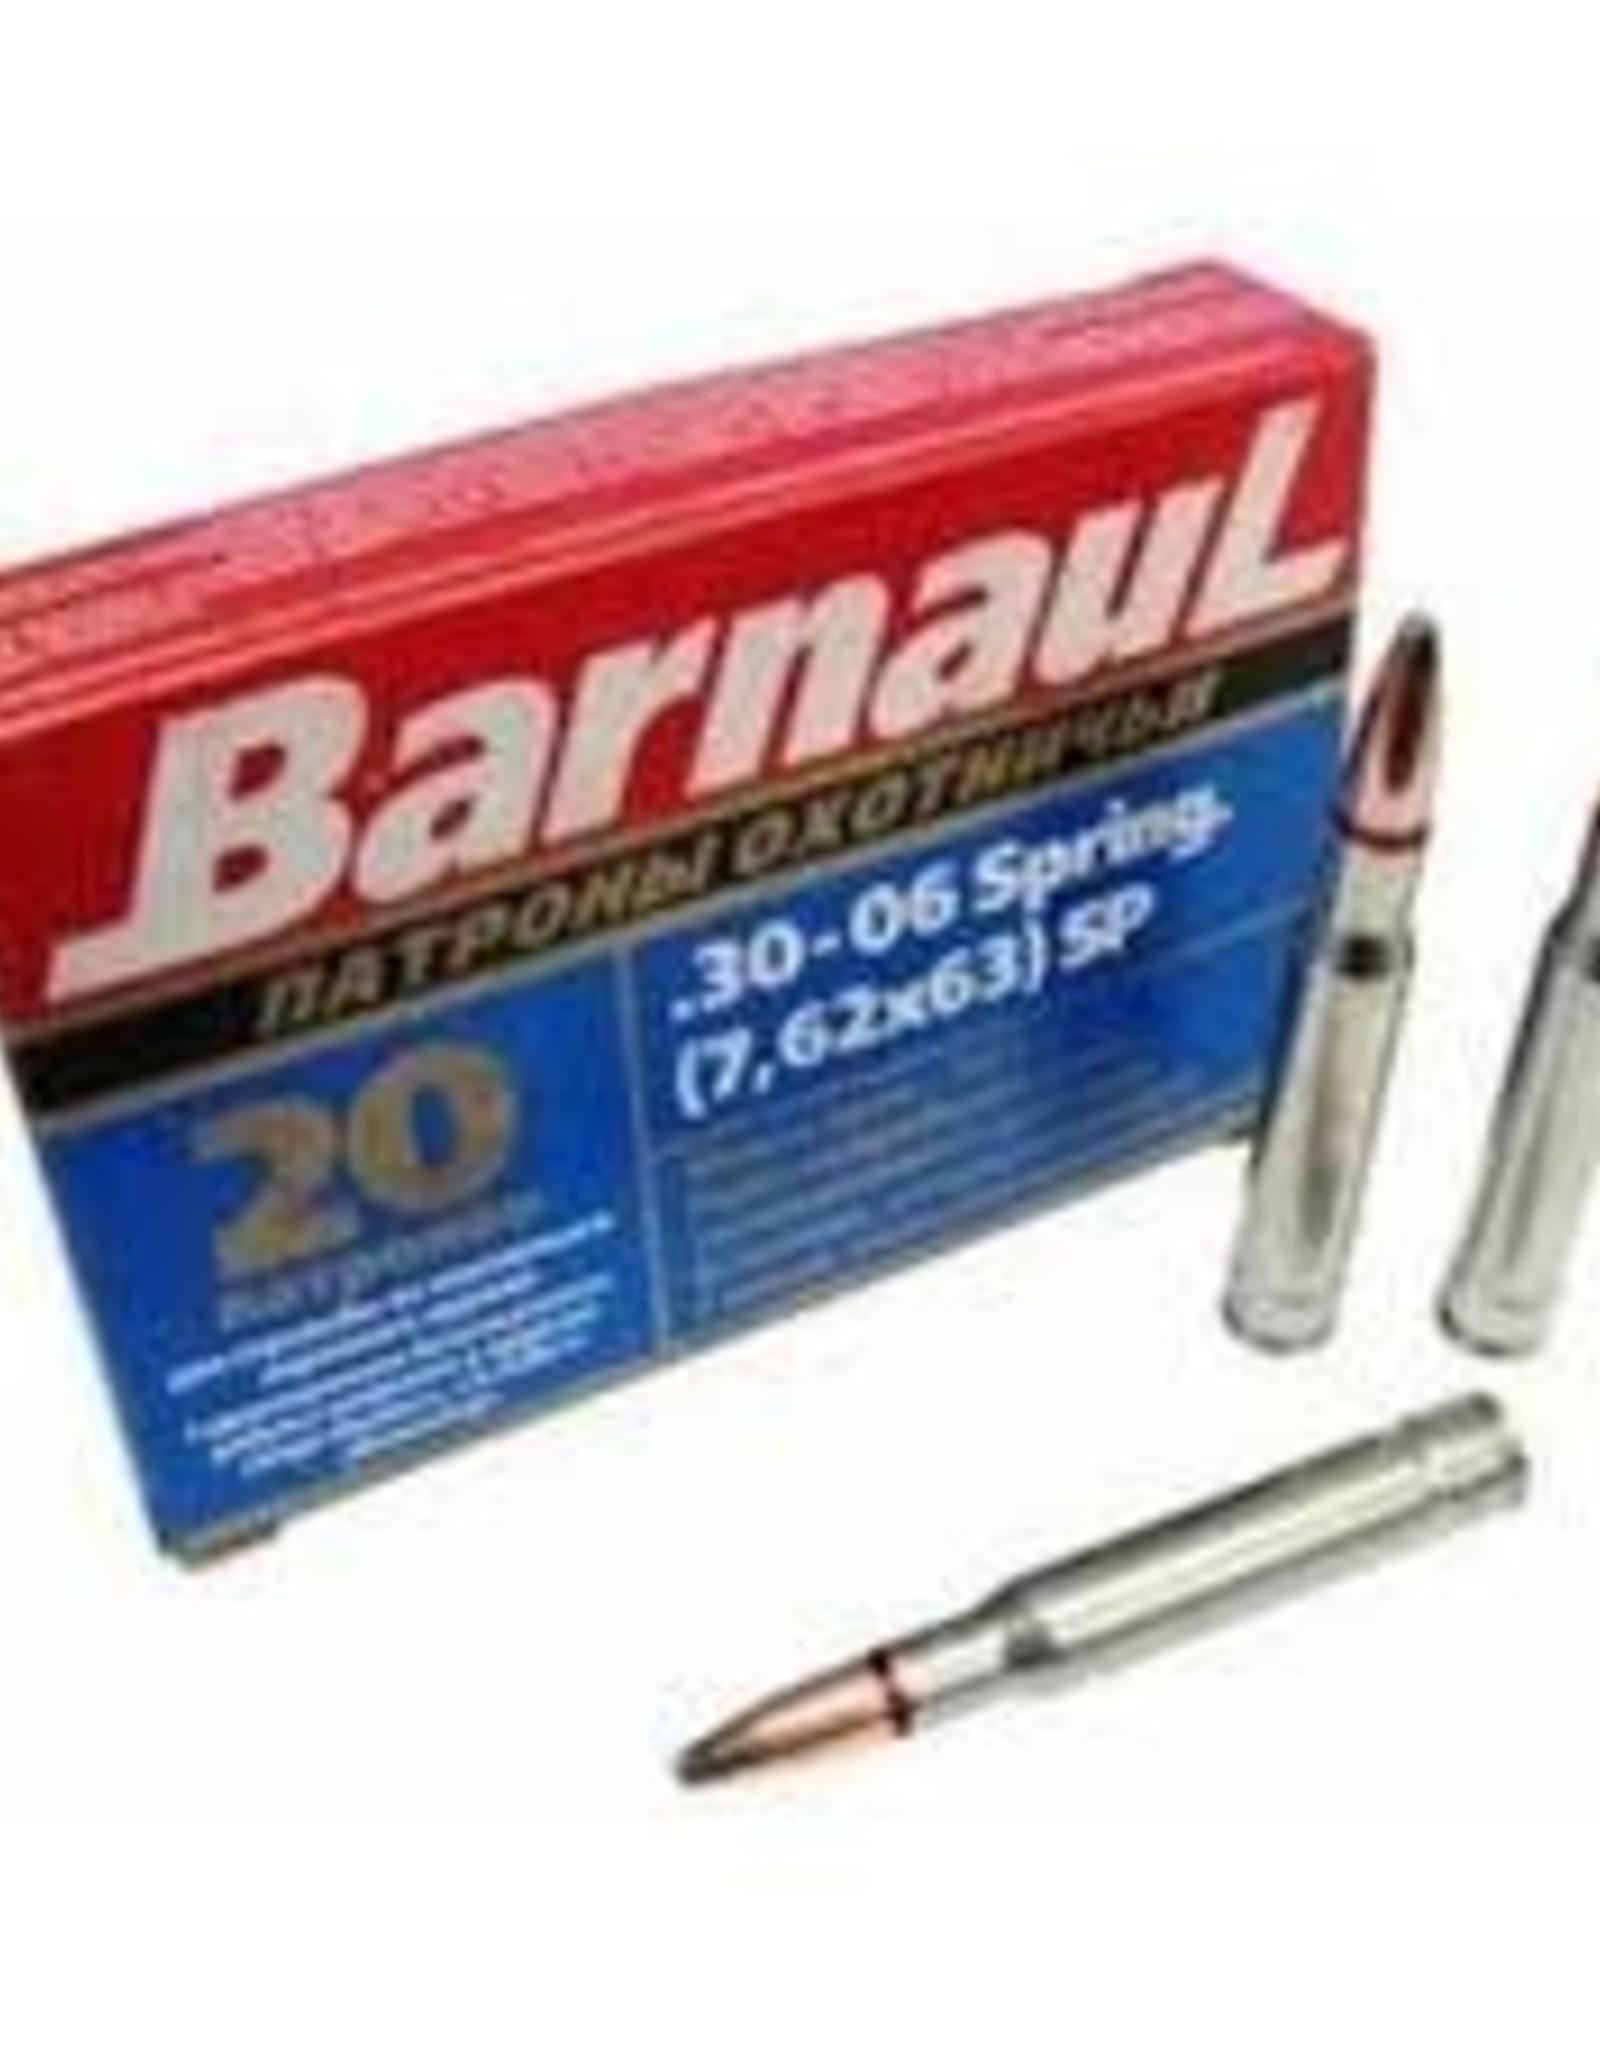 Barnaul 30-06 Spring 168 Gr SP Non Corrosive